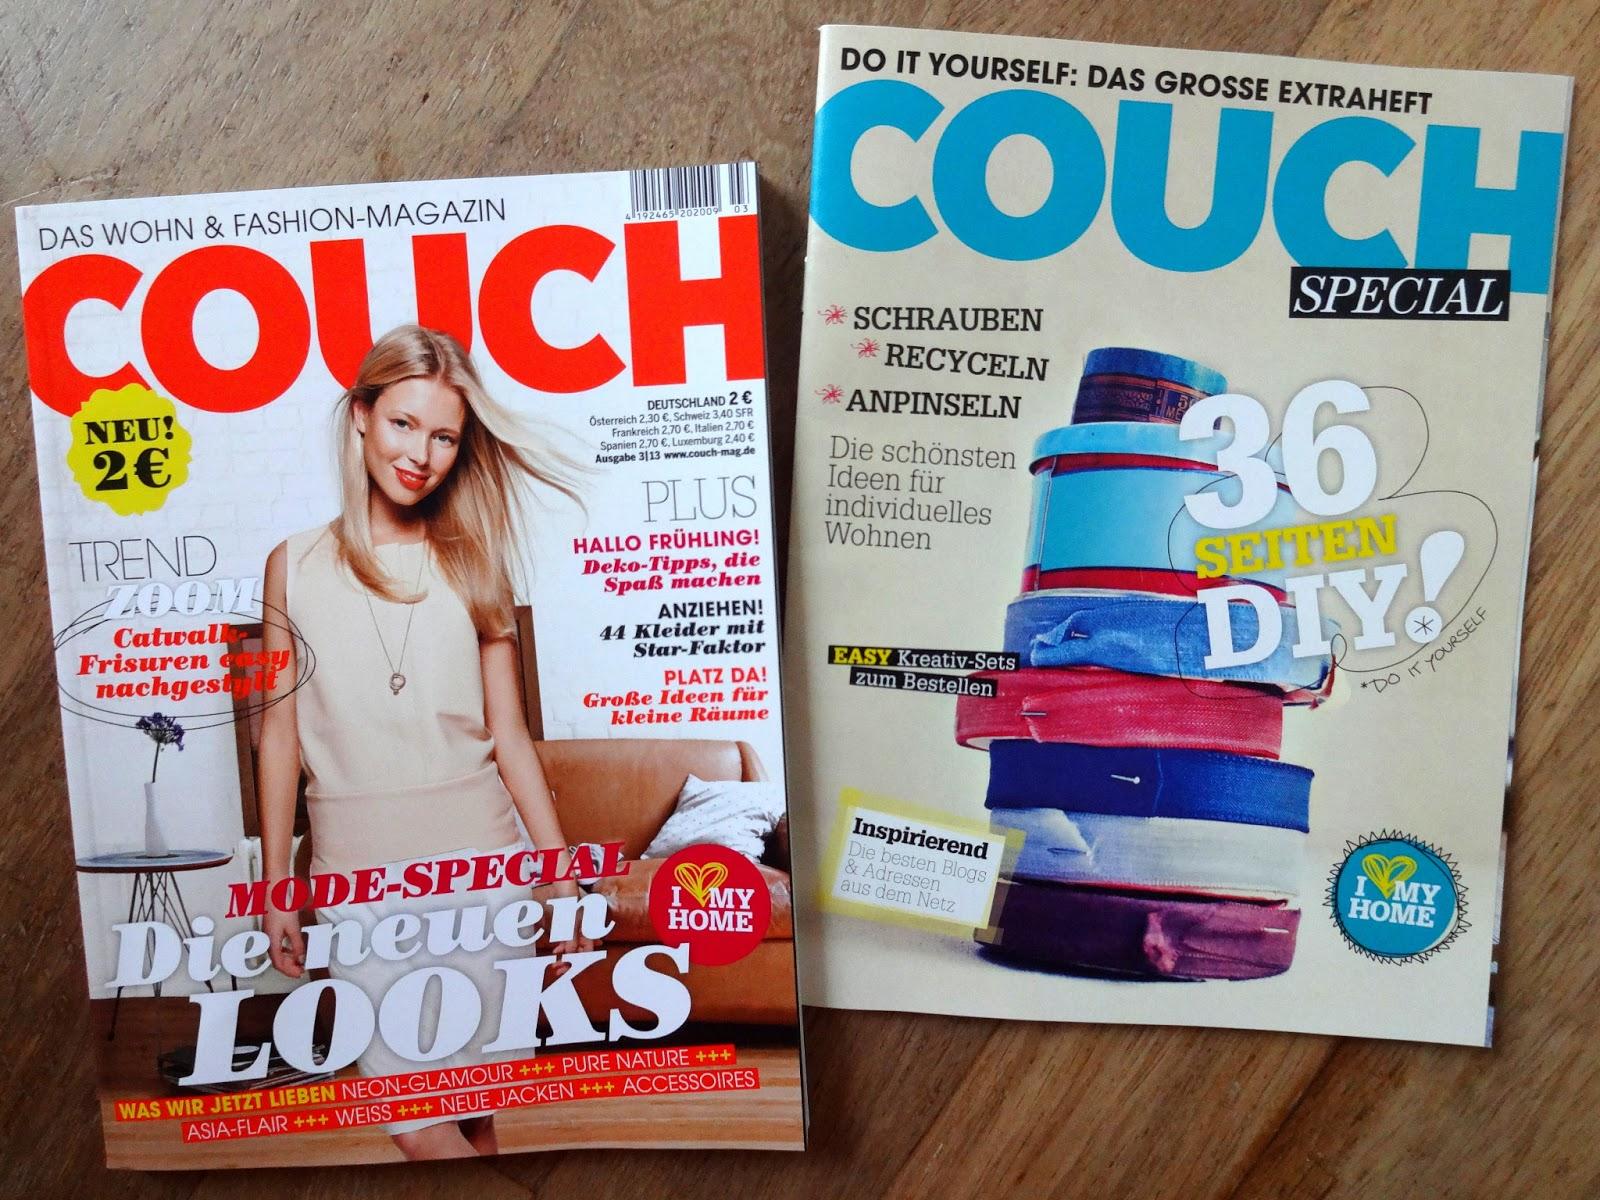 COUCH Mag Wohn und Fashopn Magazin Ausgabe März 2013 mit DIY-Special